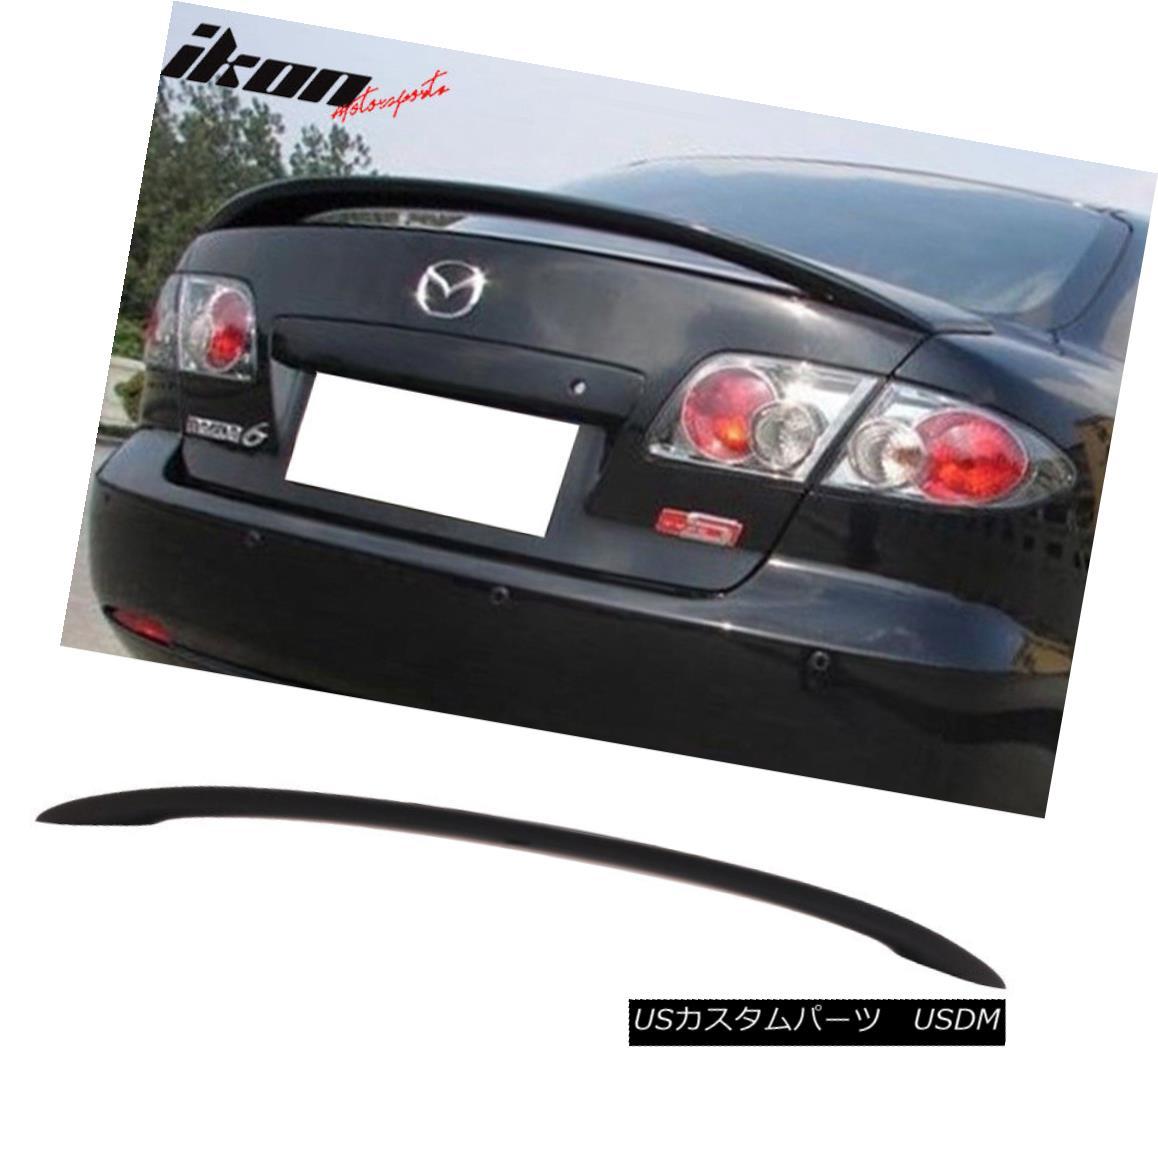 エアロパーツ Matte Black Fits 03-08 Mazda 6 Mazda6 4Dr Sedan Flush Mount OE Trunk Spoiler-ABS マットブラックフィット03-08マツダ6マツダ6 4DrセダンフラッシュマウントOEトランクスポイラーABS